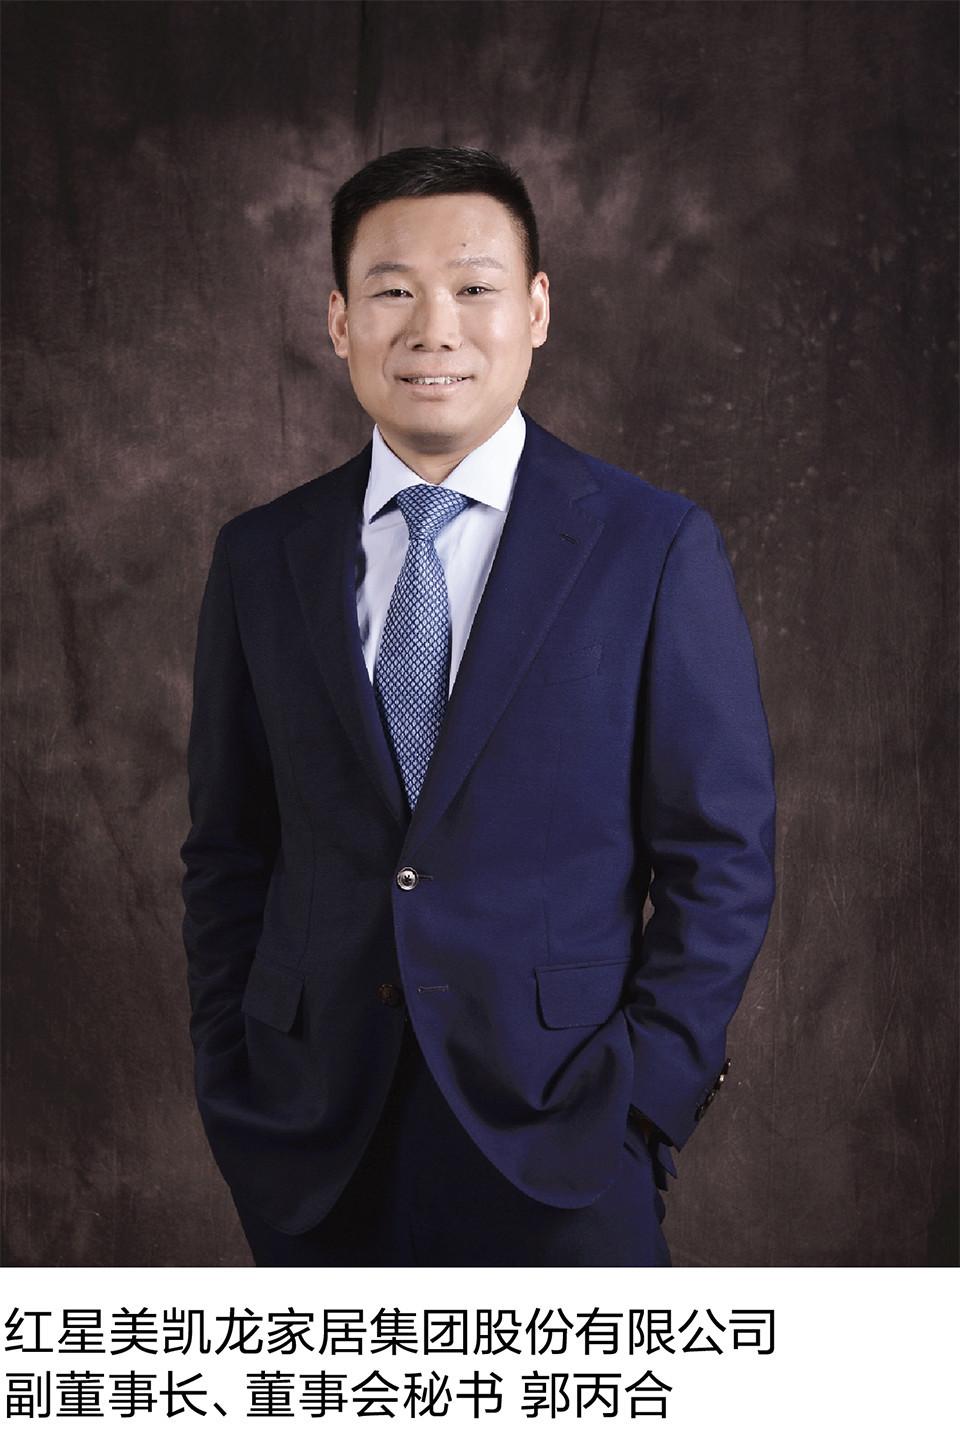 红星美凯龙副董事长郭丙合:美好生活凯跃龙腾